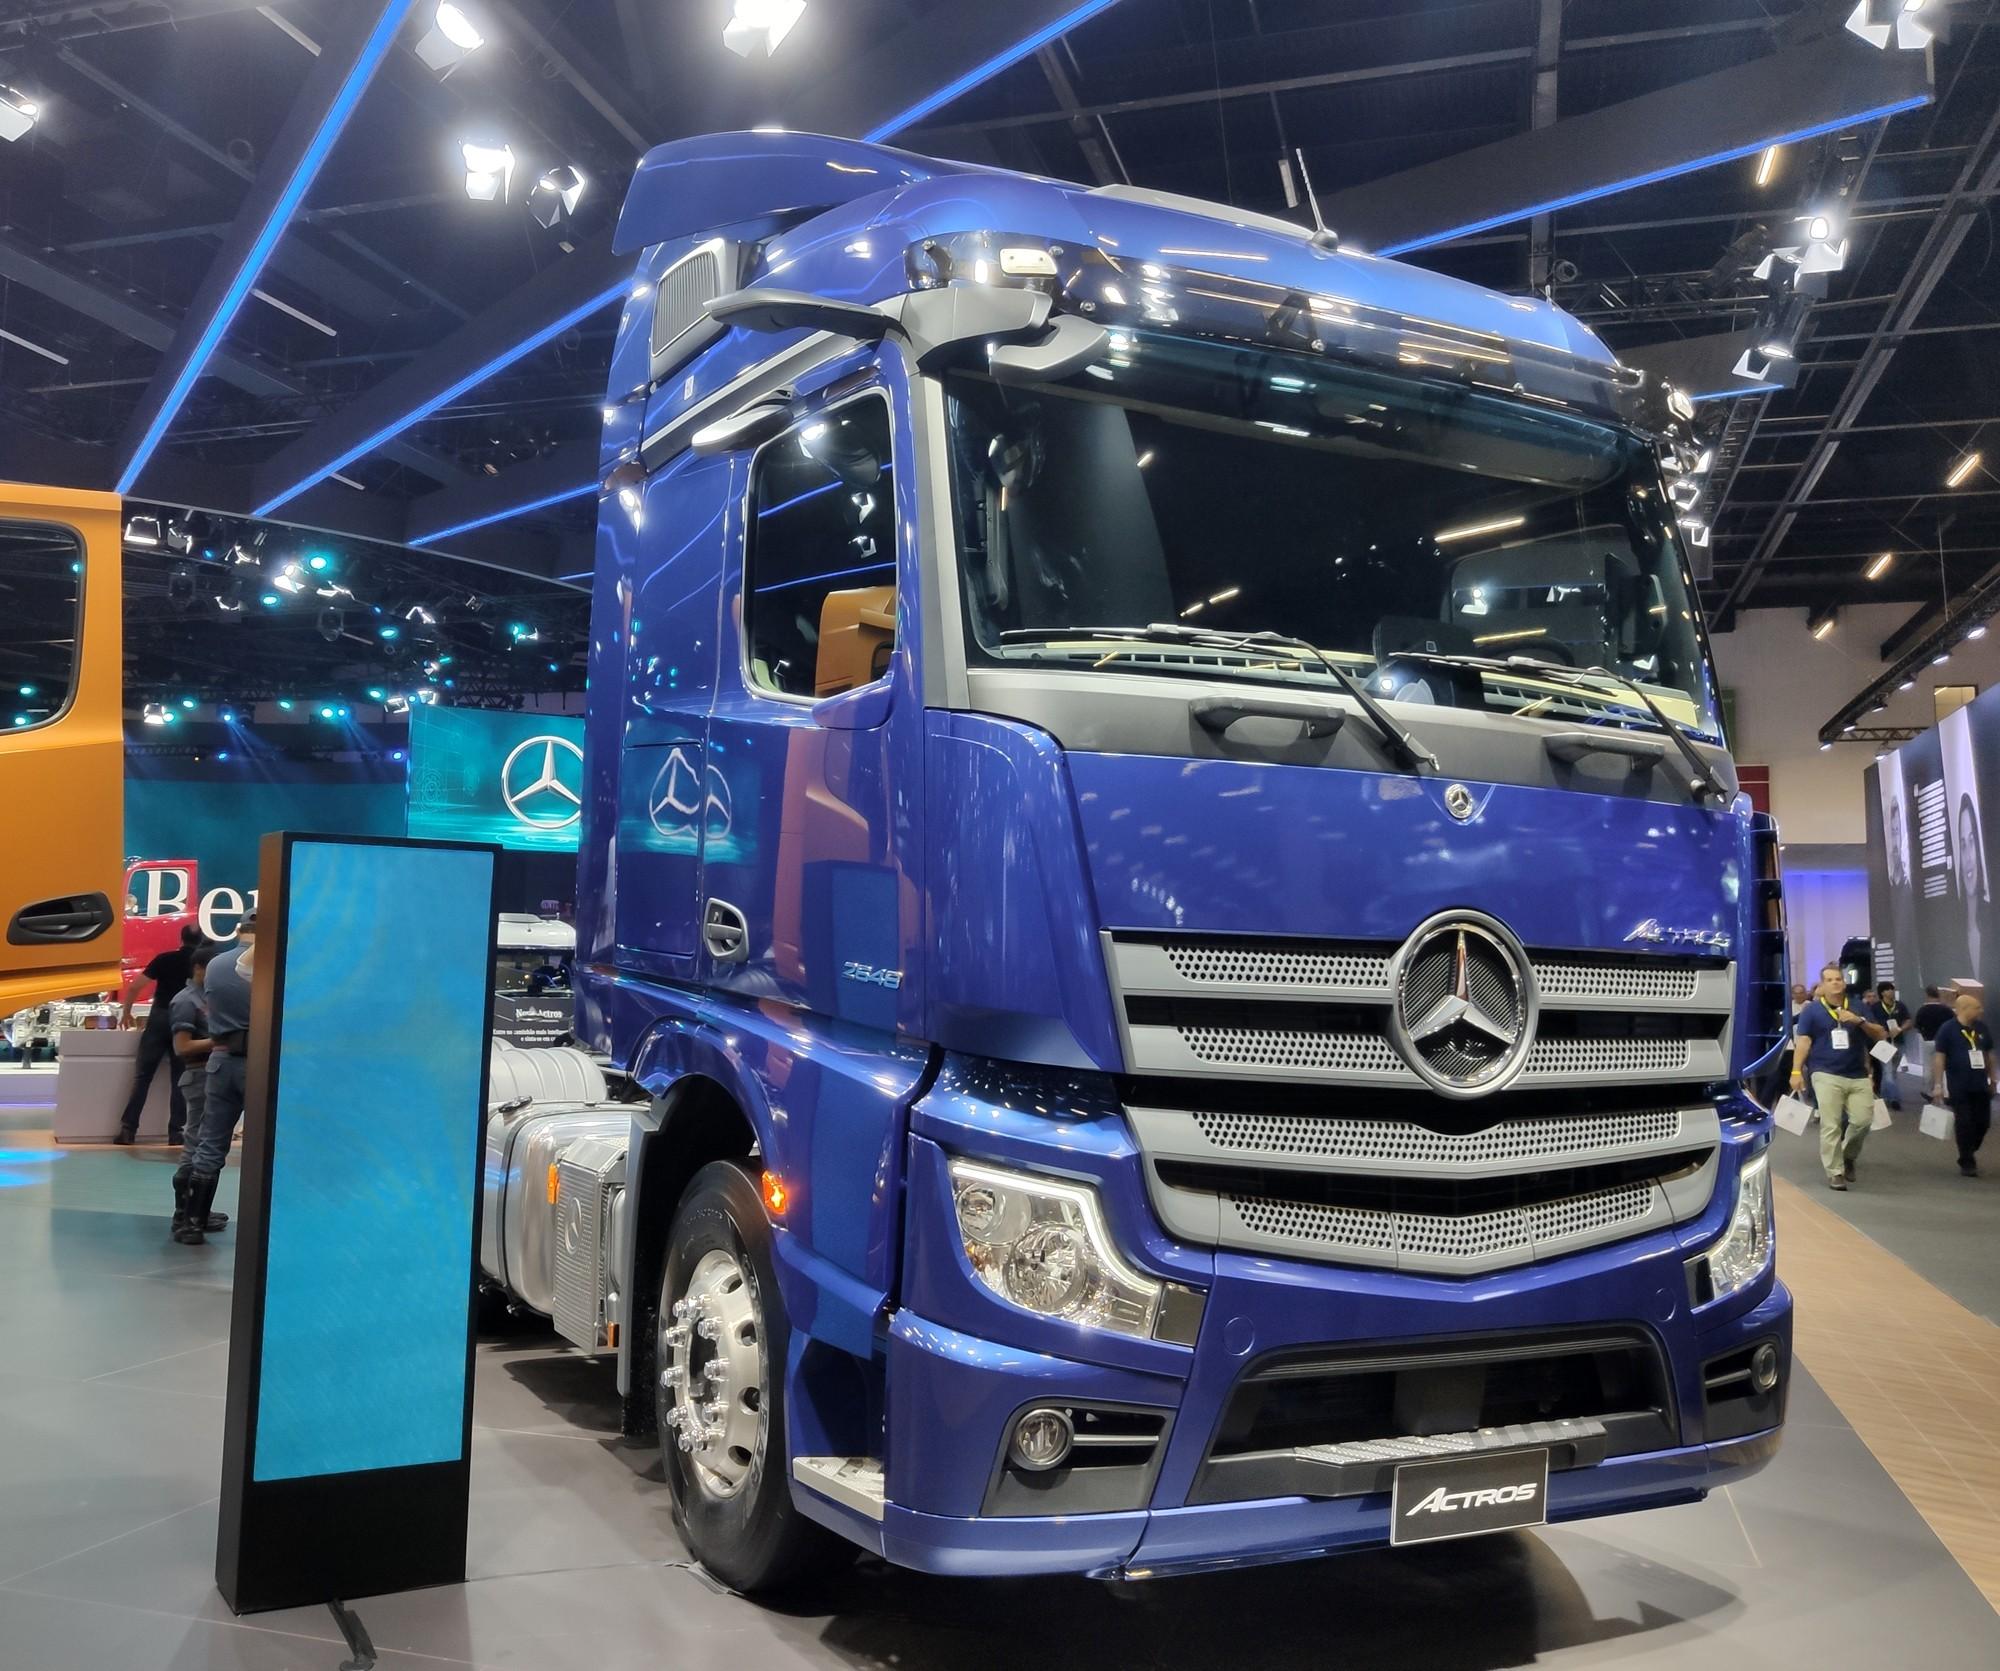 Caminhão é o 1º veículo do país sem retrovisor; veja destaques da maior feira de transportes do Brasil - Notícias - Plantão Diário